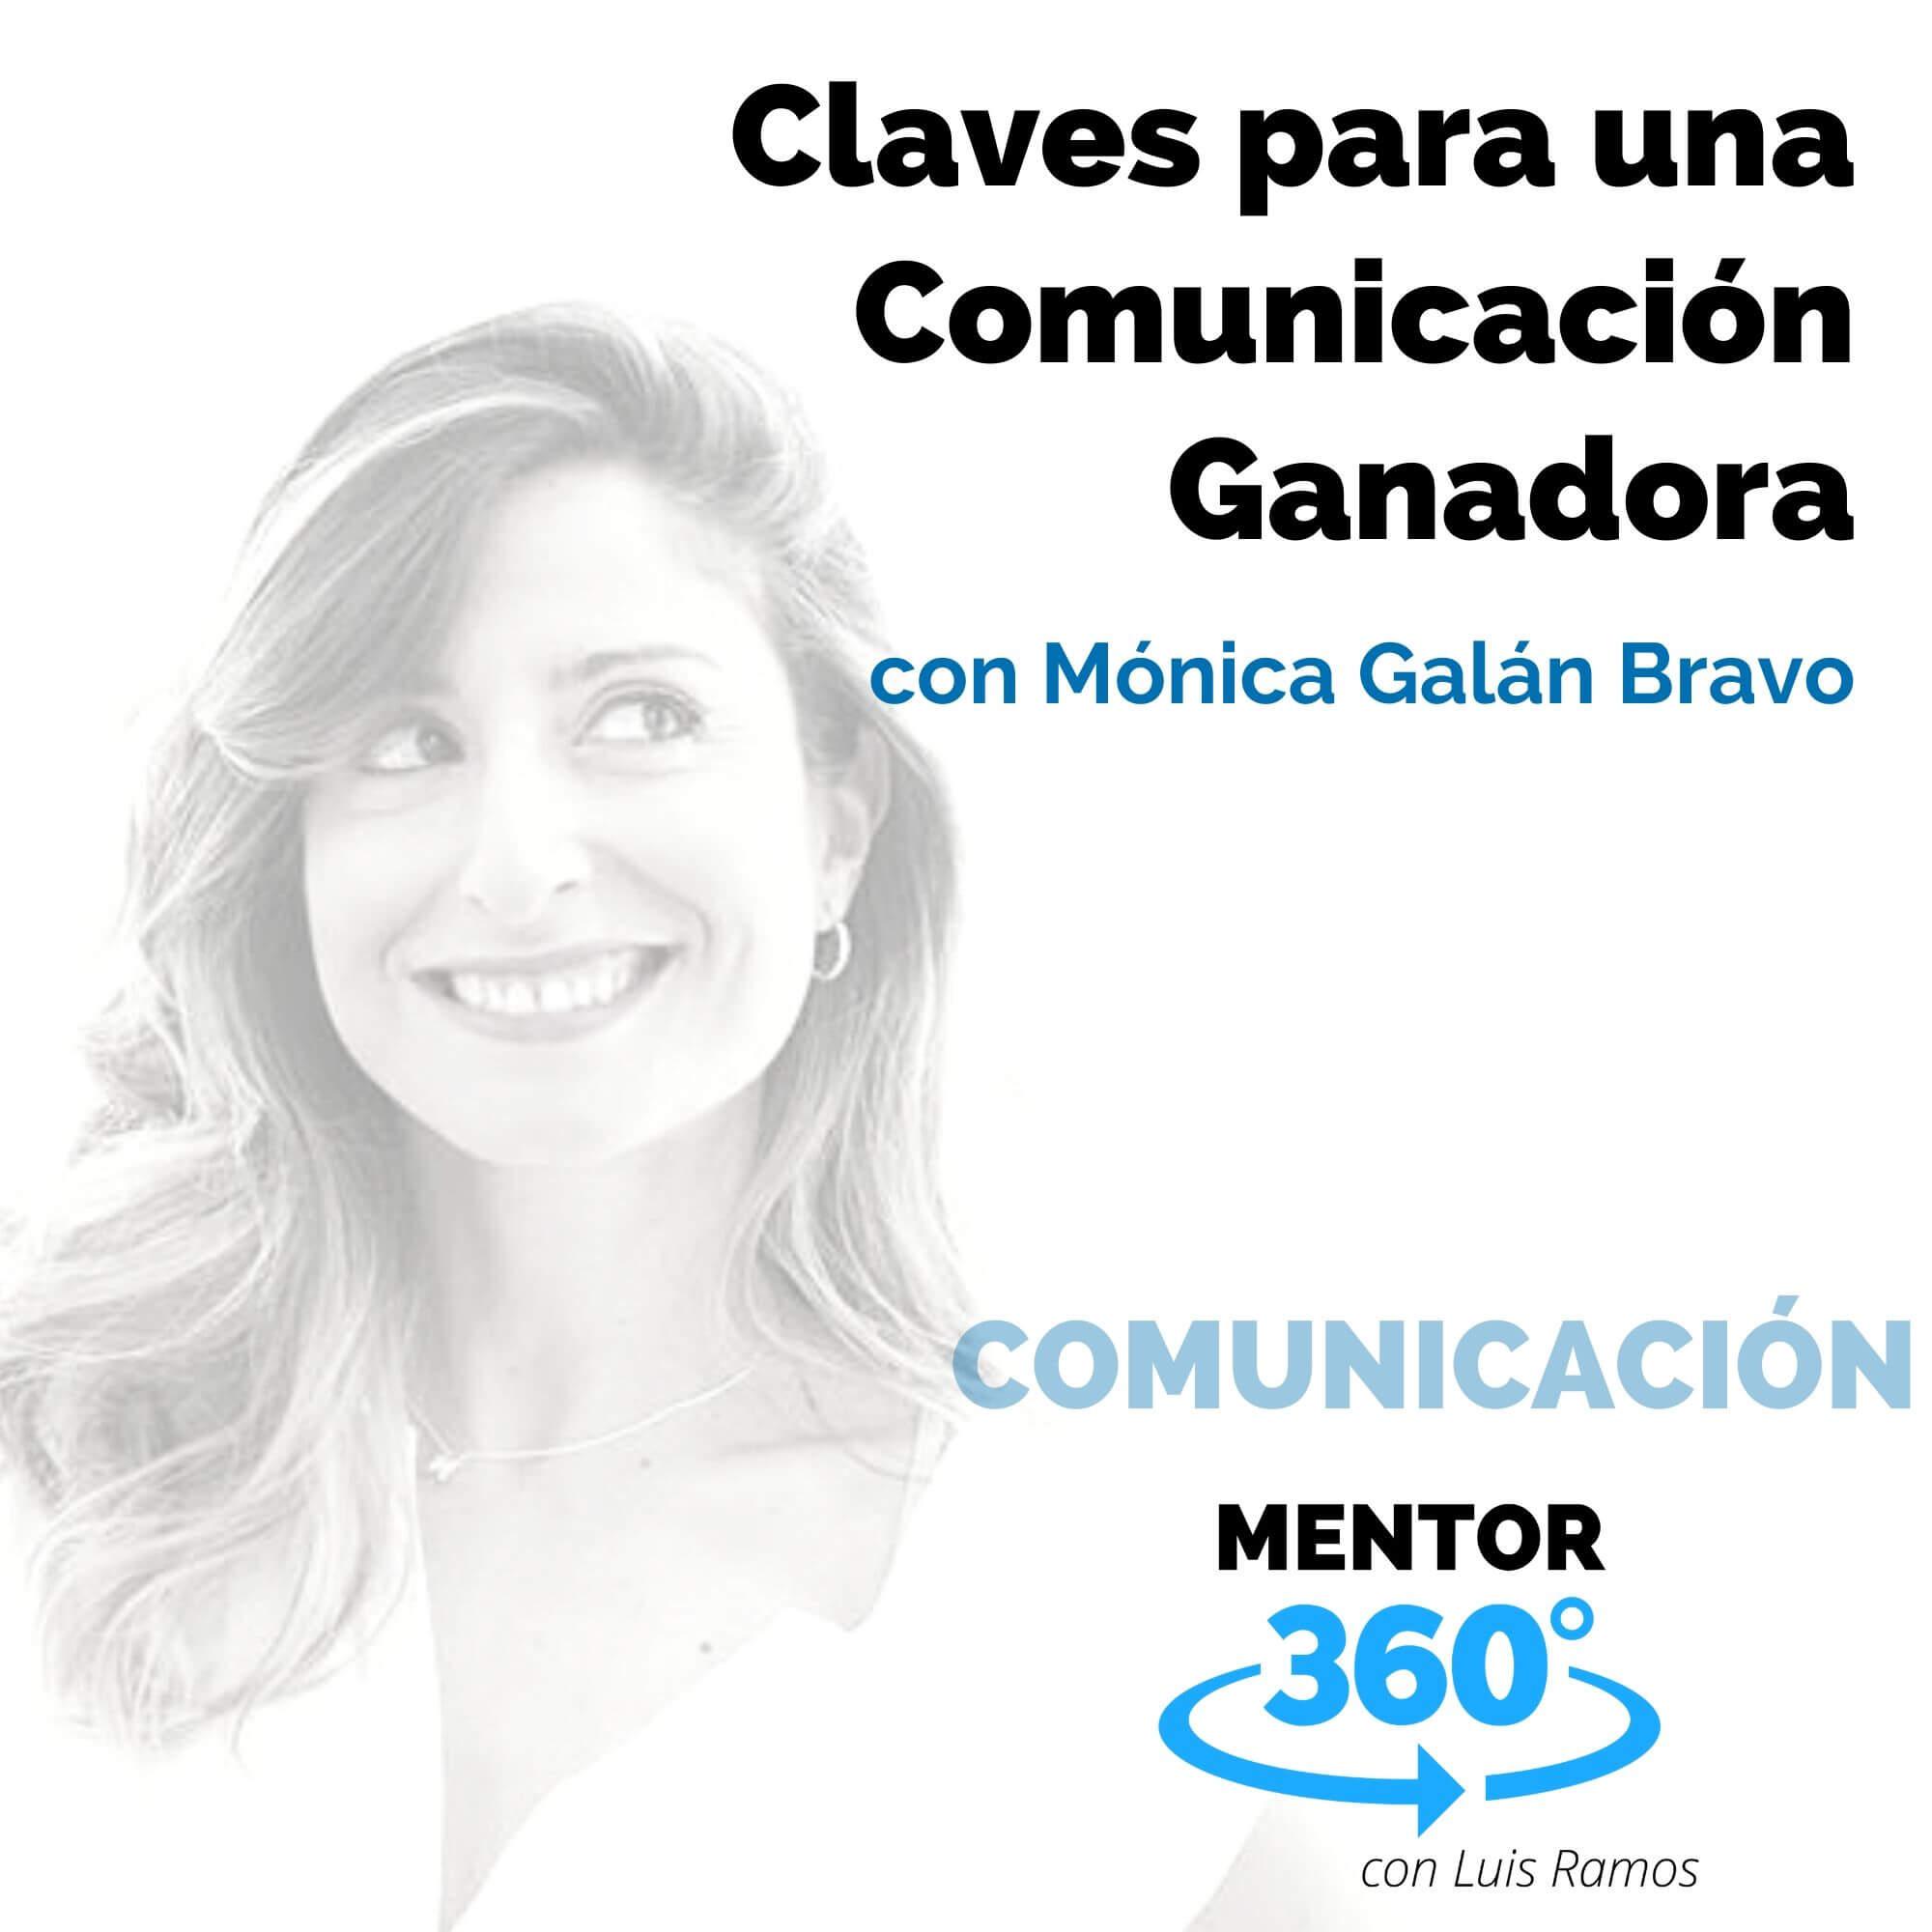 Claves para una Comunicación Ganadora, con Mónica Galán - MENTOR360